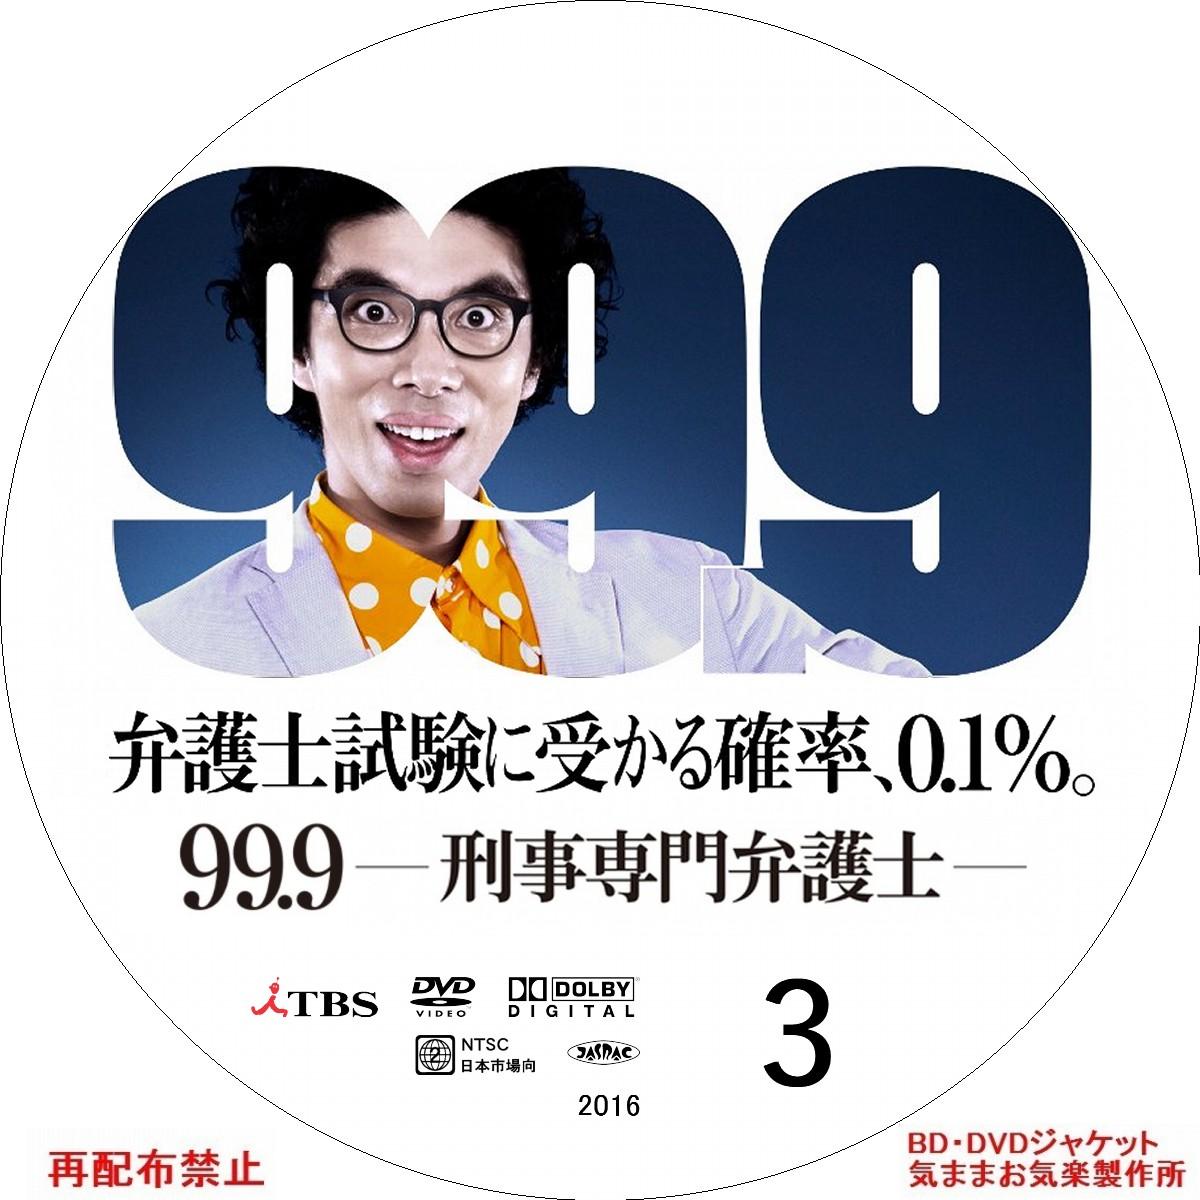 999_DVD03b.jpg